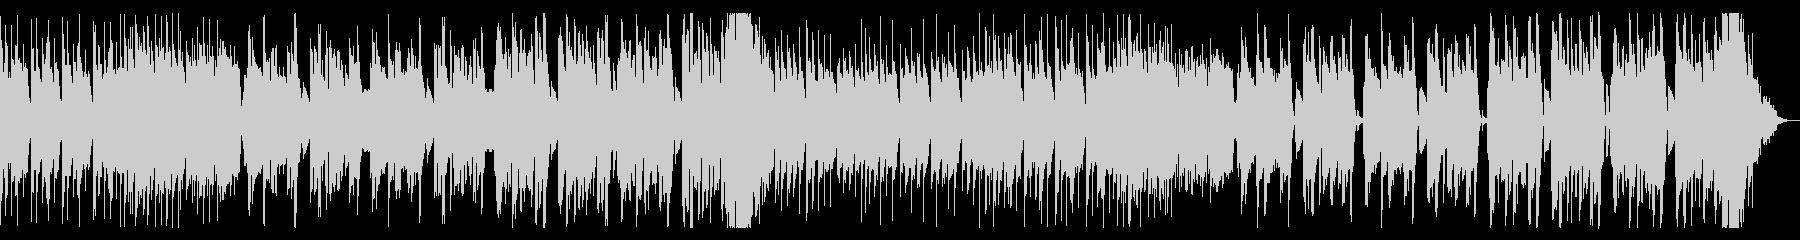 アッパーなフューチャーベースEDMの未再生の波形